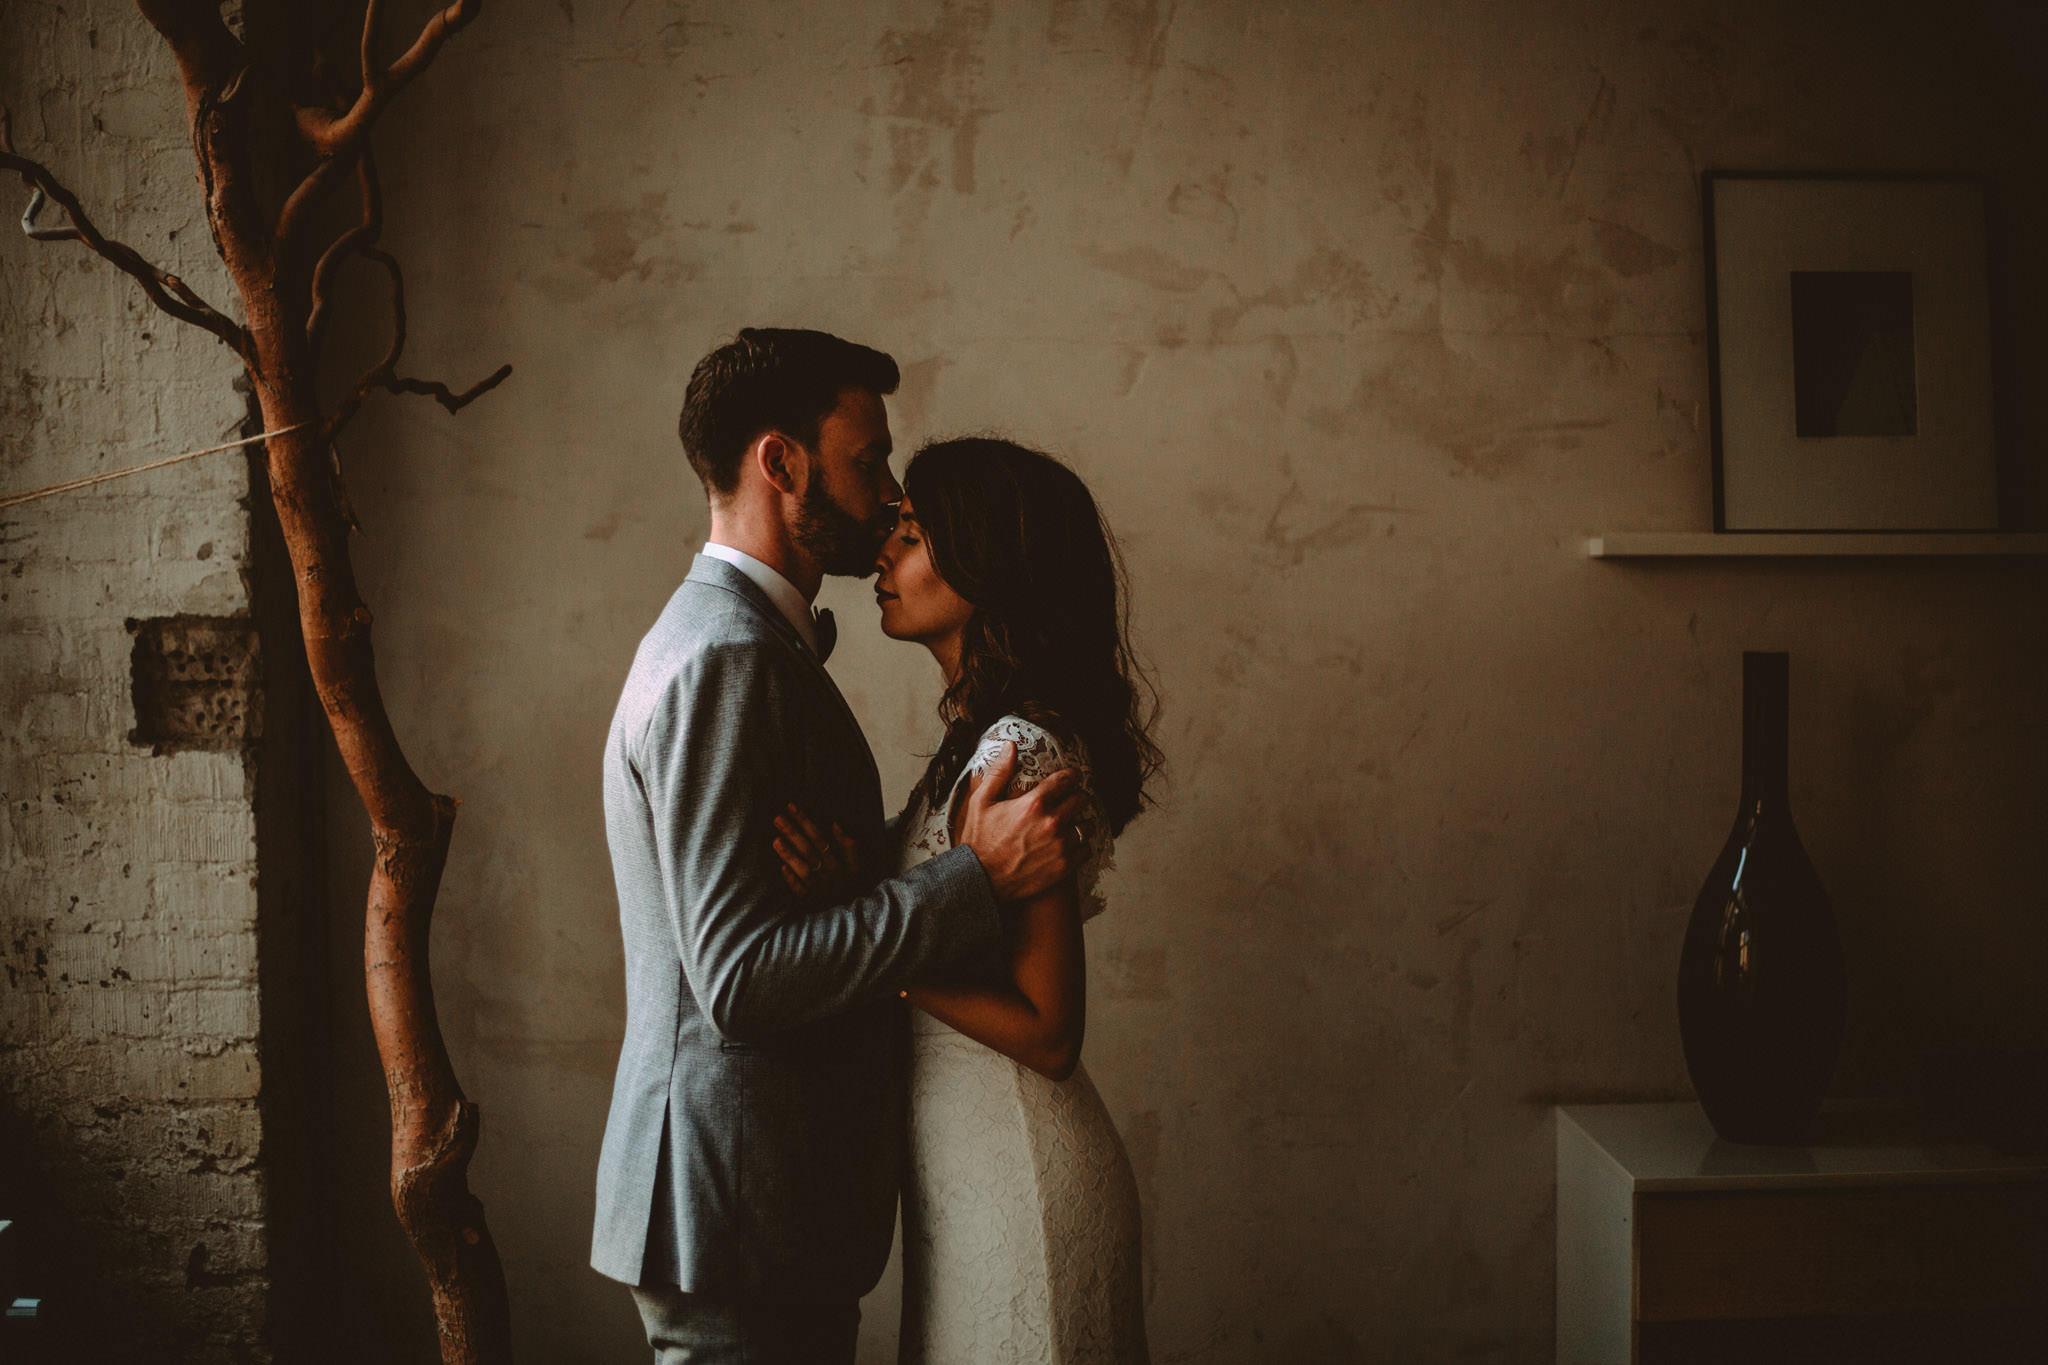 Hochzeit_in_Fabrik23_nhow_7537